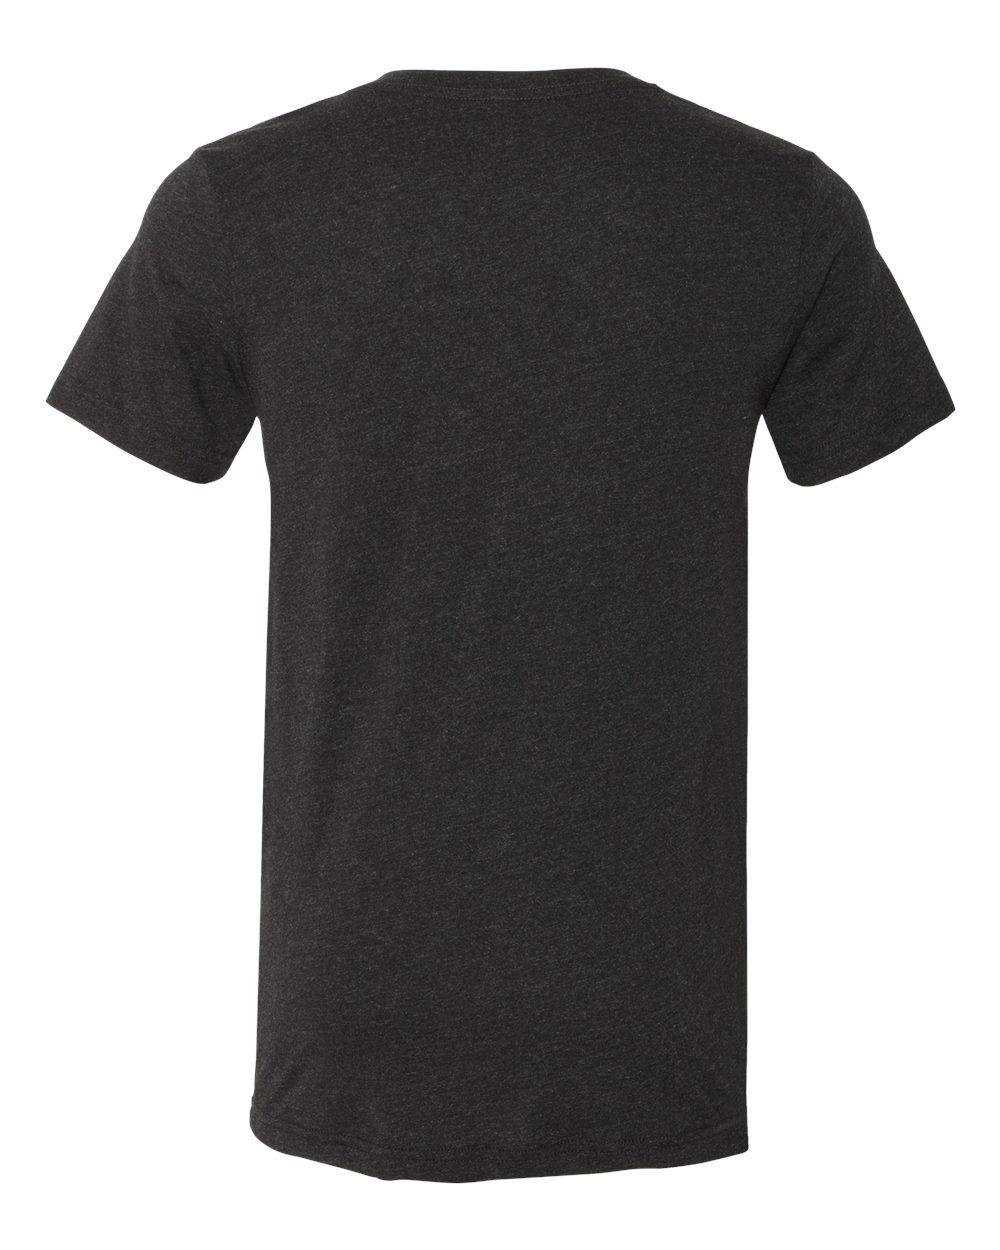 Bella-Canvas-Men-039-s-Jersey-Short-Sleeve-V-Neck-T-Shirt-3005-XS-3XL thumbnail 122